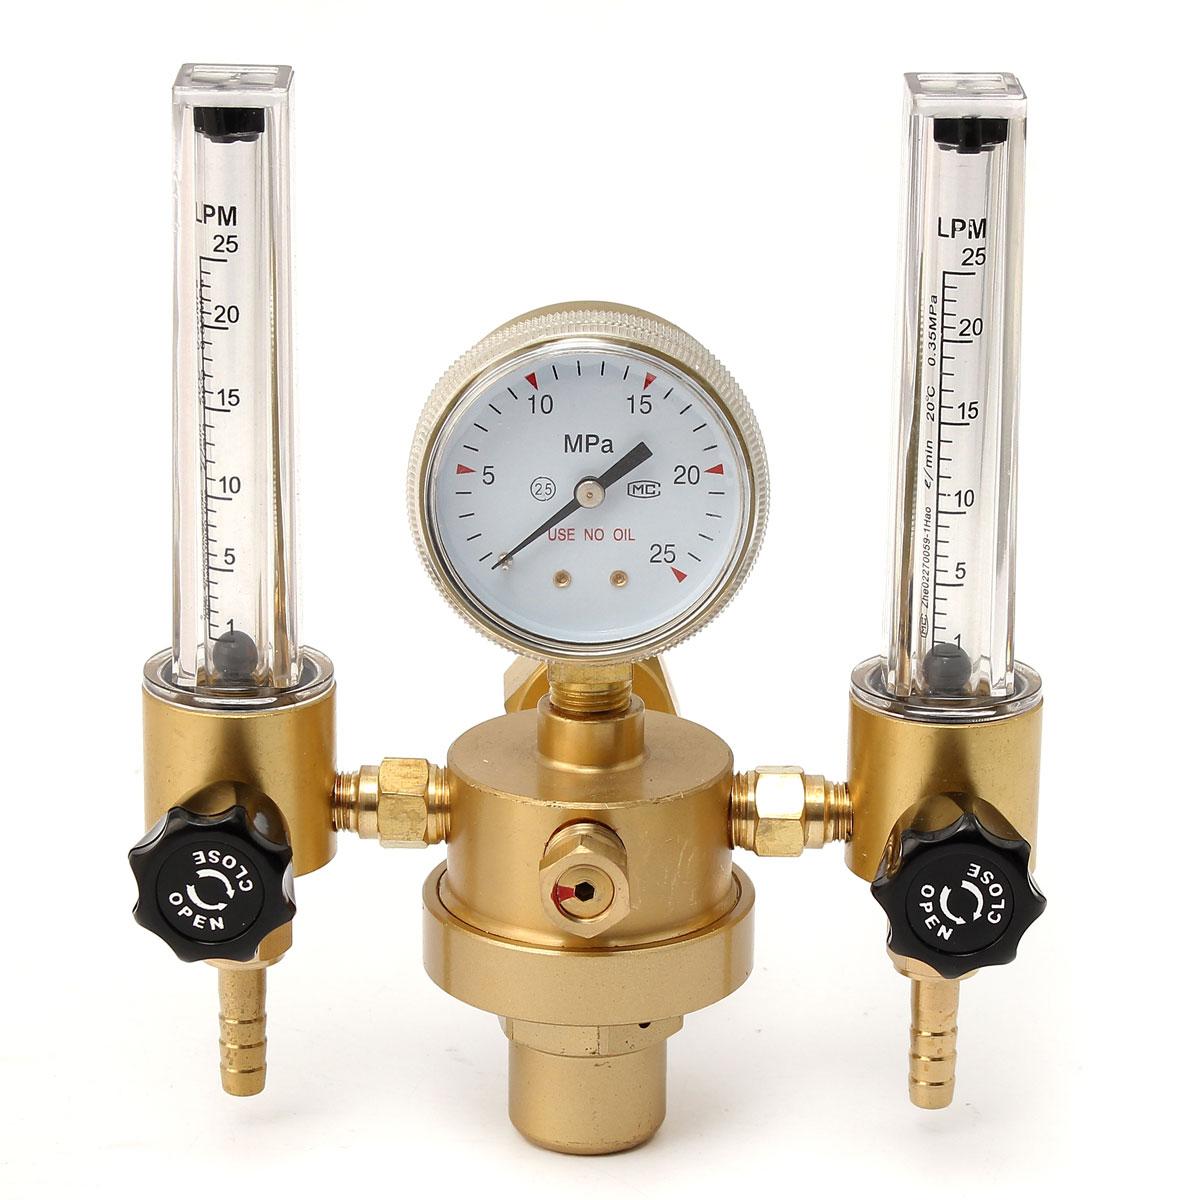 Argon CO2 Gauge Pressure Regulator Mig Tig Flow Meter Control Valve Welding Gas Double Tube Bubble